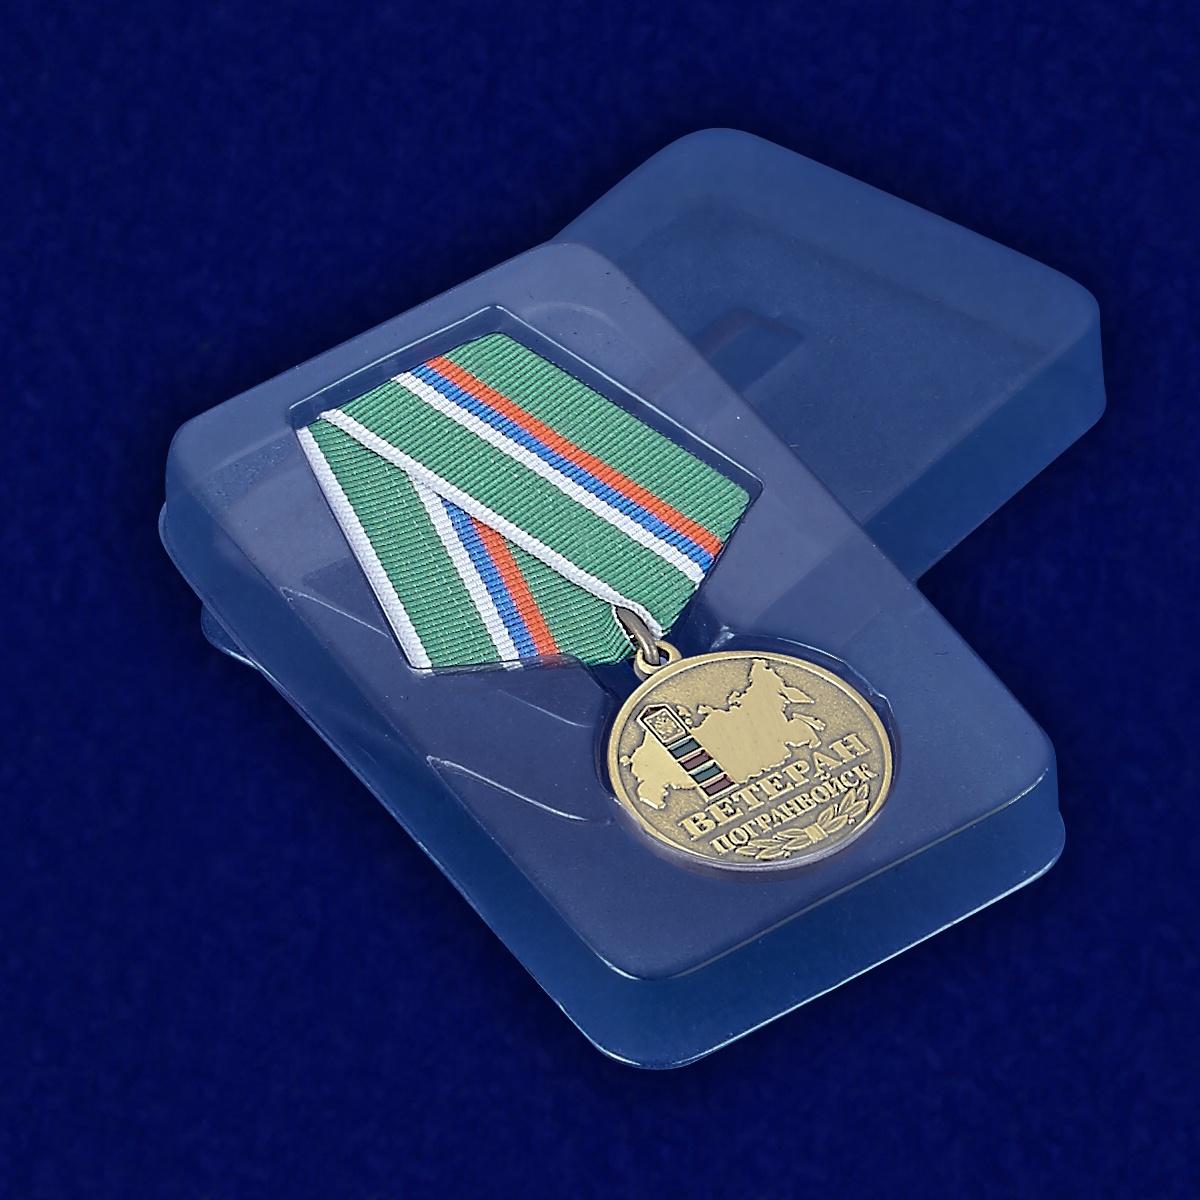 Медаль Ветеран погранвойск - вид в футляре